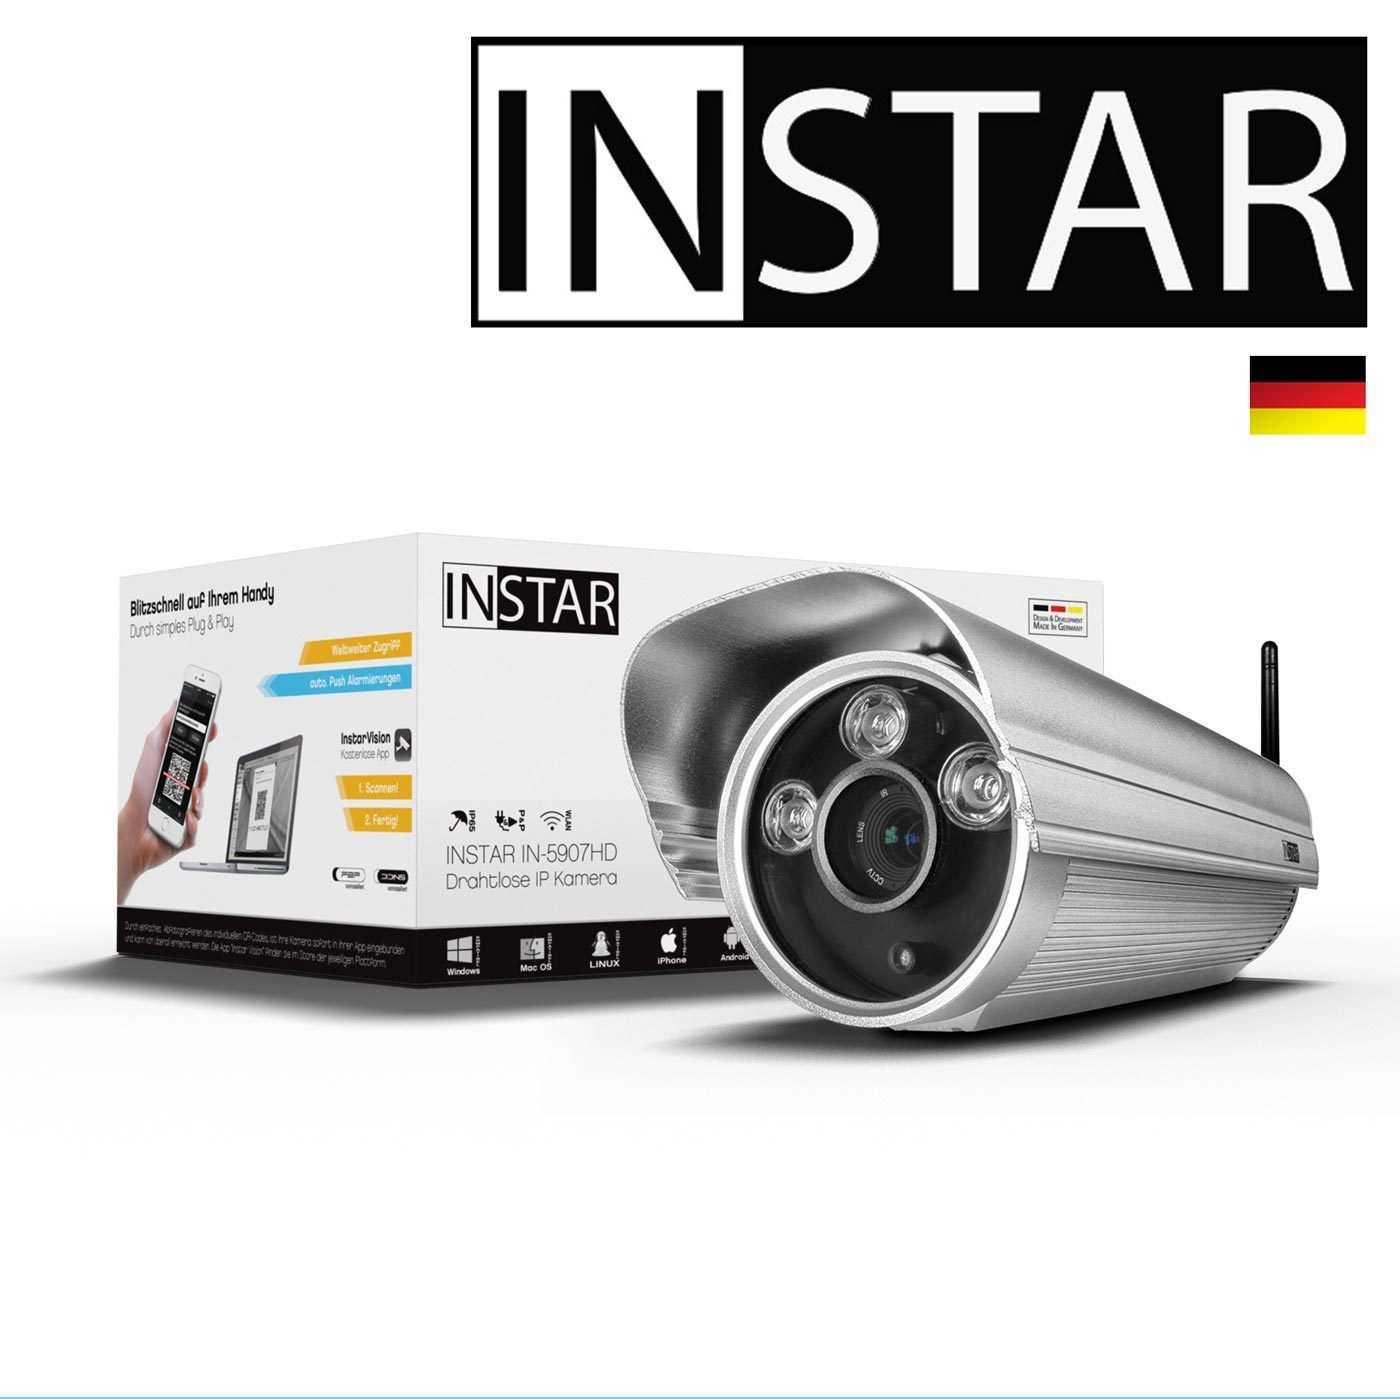 INSTAR IN-5907HD Wlan IP Kamera / HD Sicherheitskamera für Außen / IP Cam mit LAN & Wlan / Wifi für Outdoor (3 HighPower IR LEDs, Infrarot Nachtsicht, Wetterfest, SD Karte, Bewegungserkennung, Aufnahme, WDR) Silber